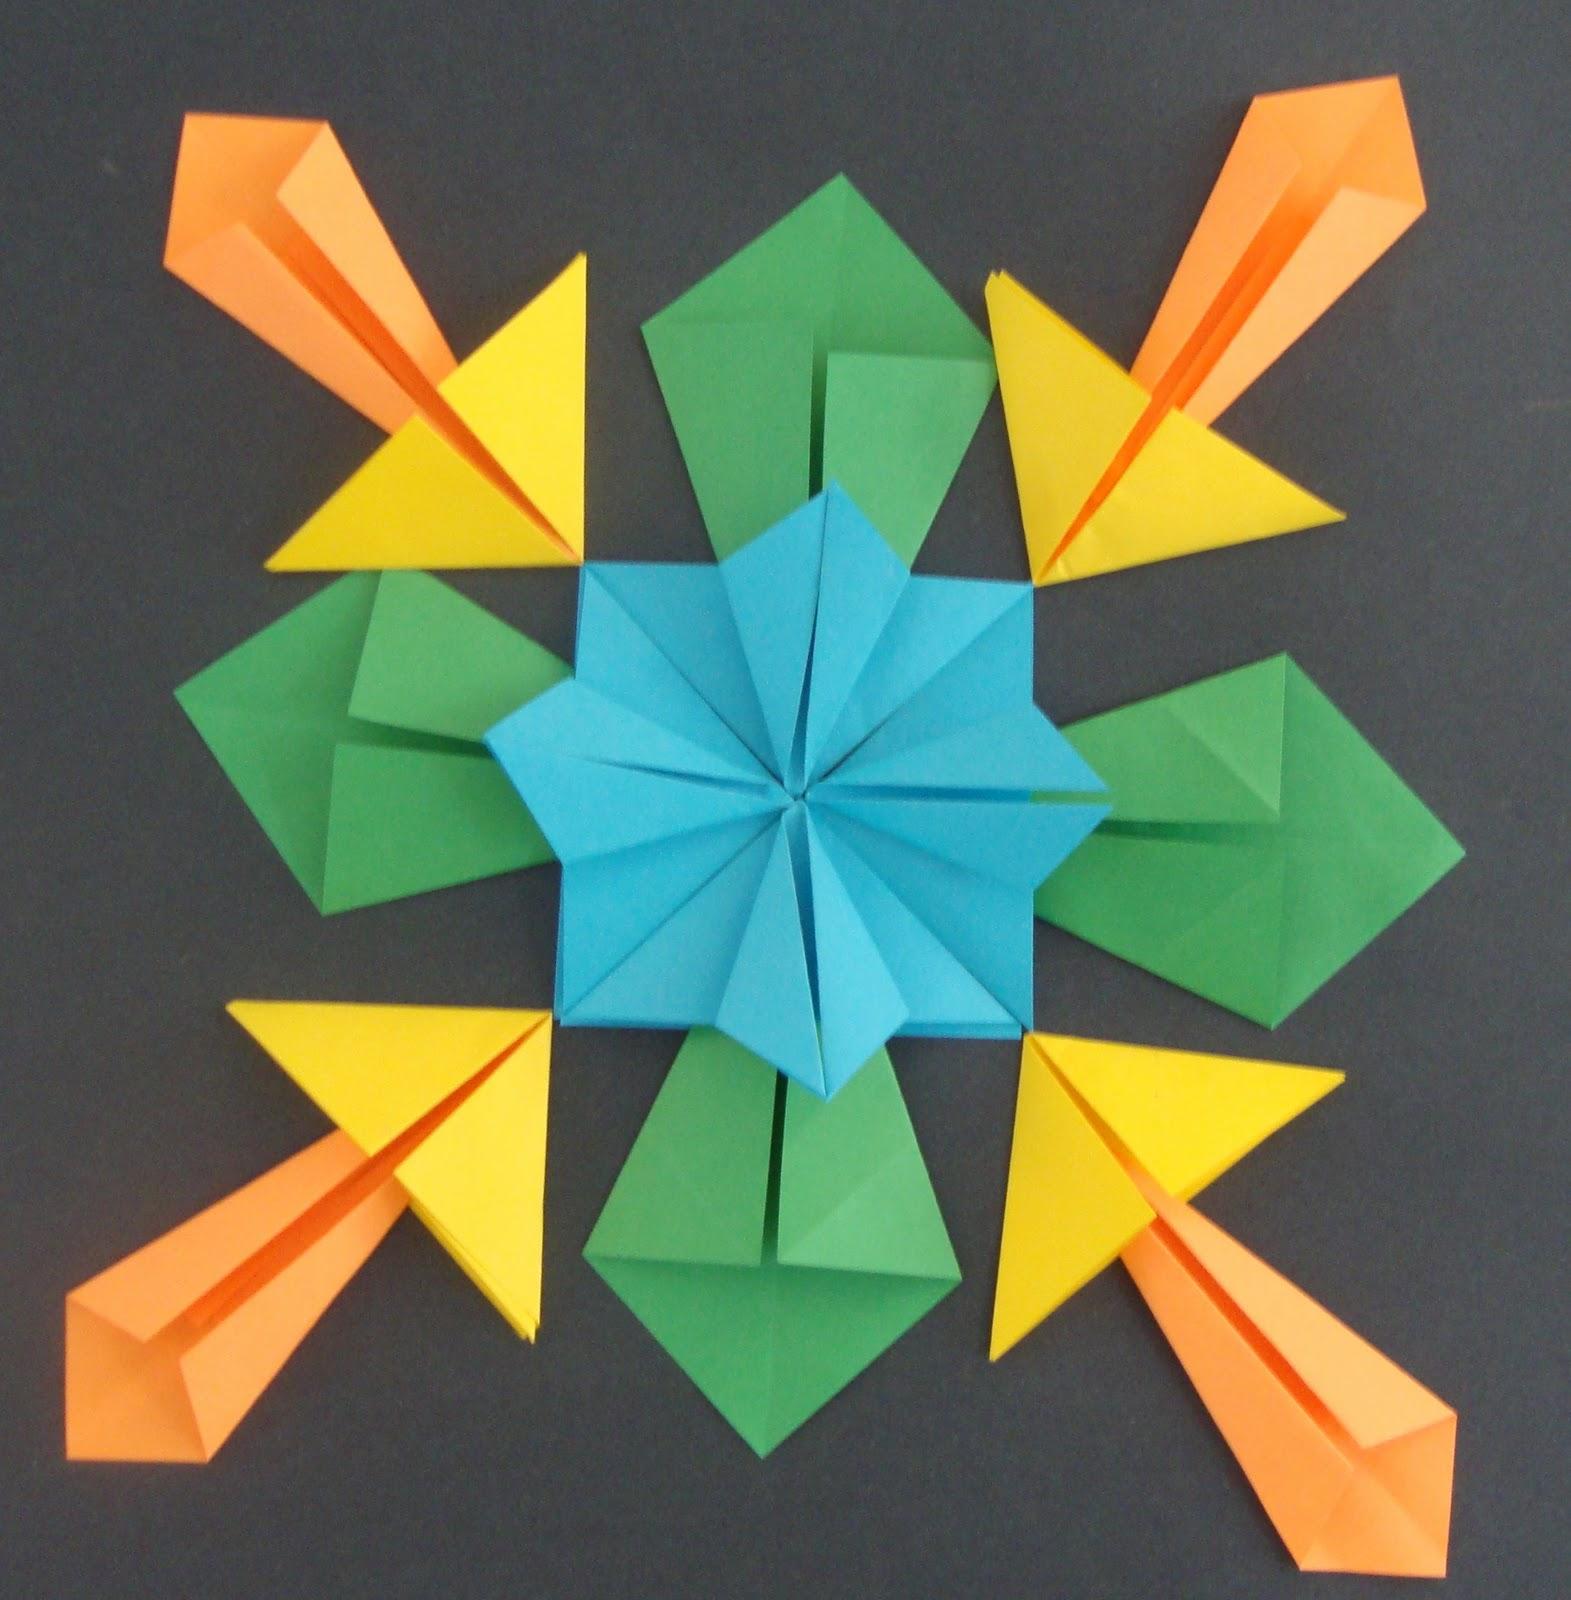 Art Paper Scissors Glue Symmetrical Origami